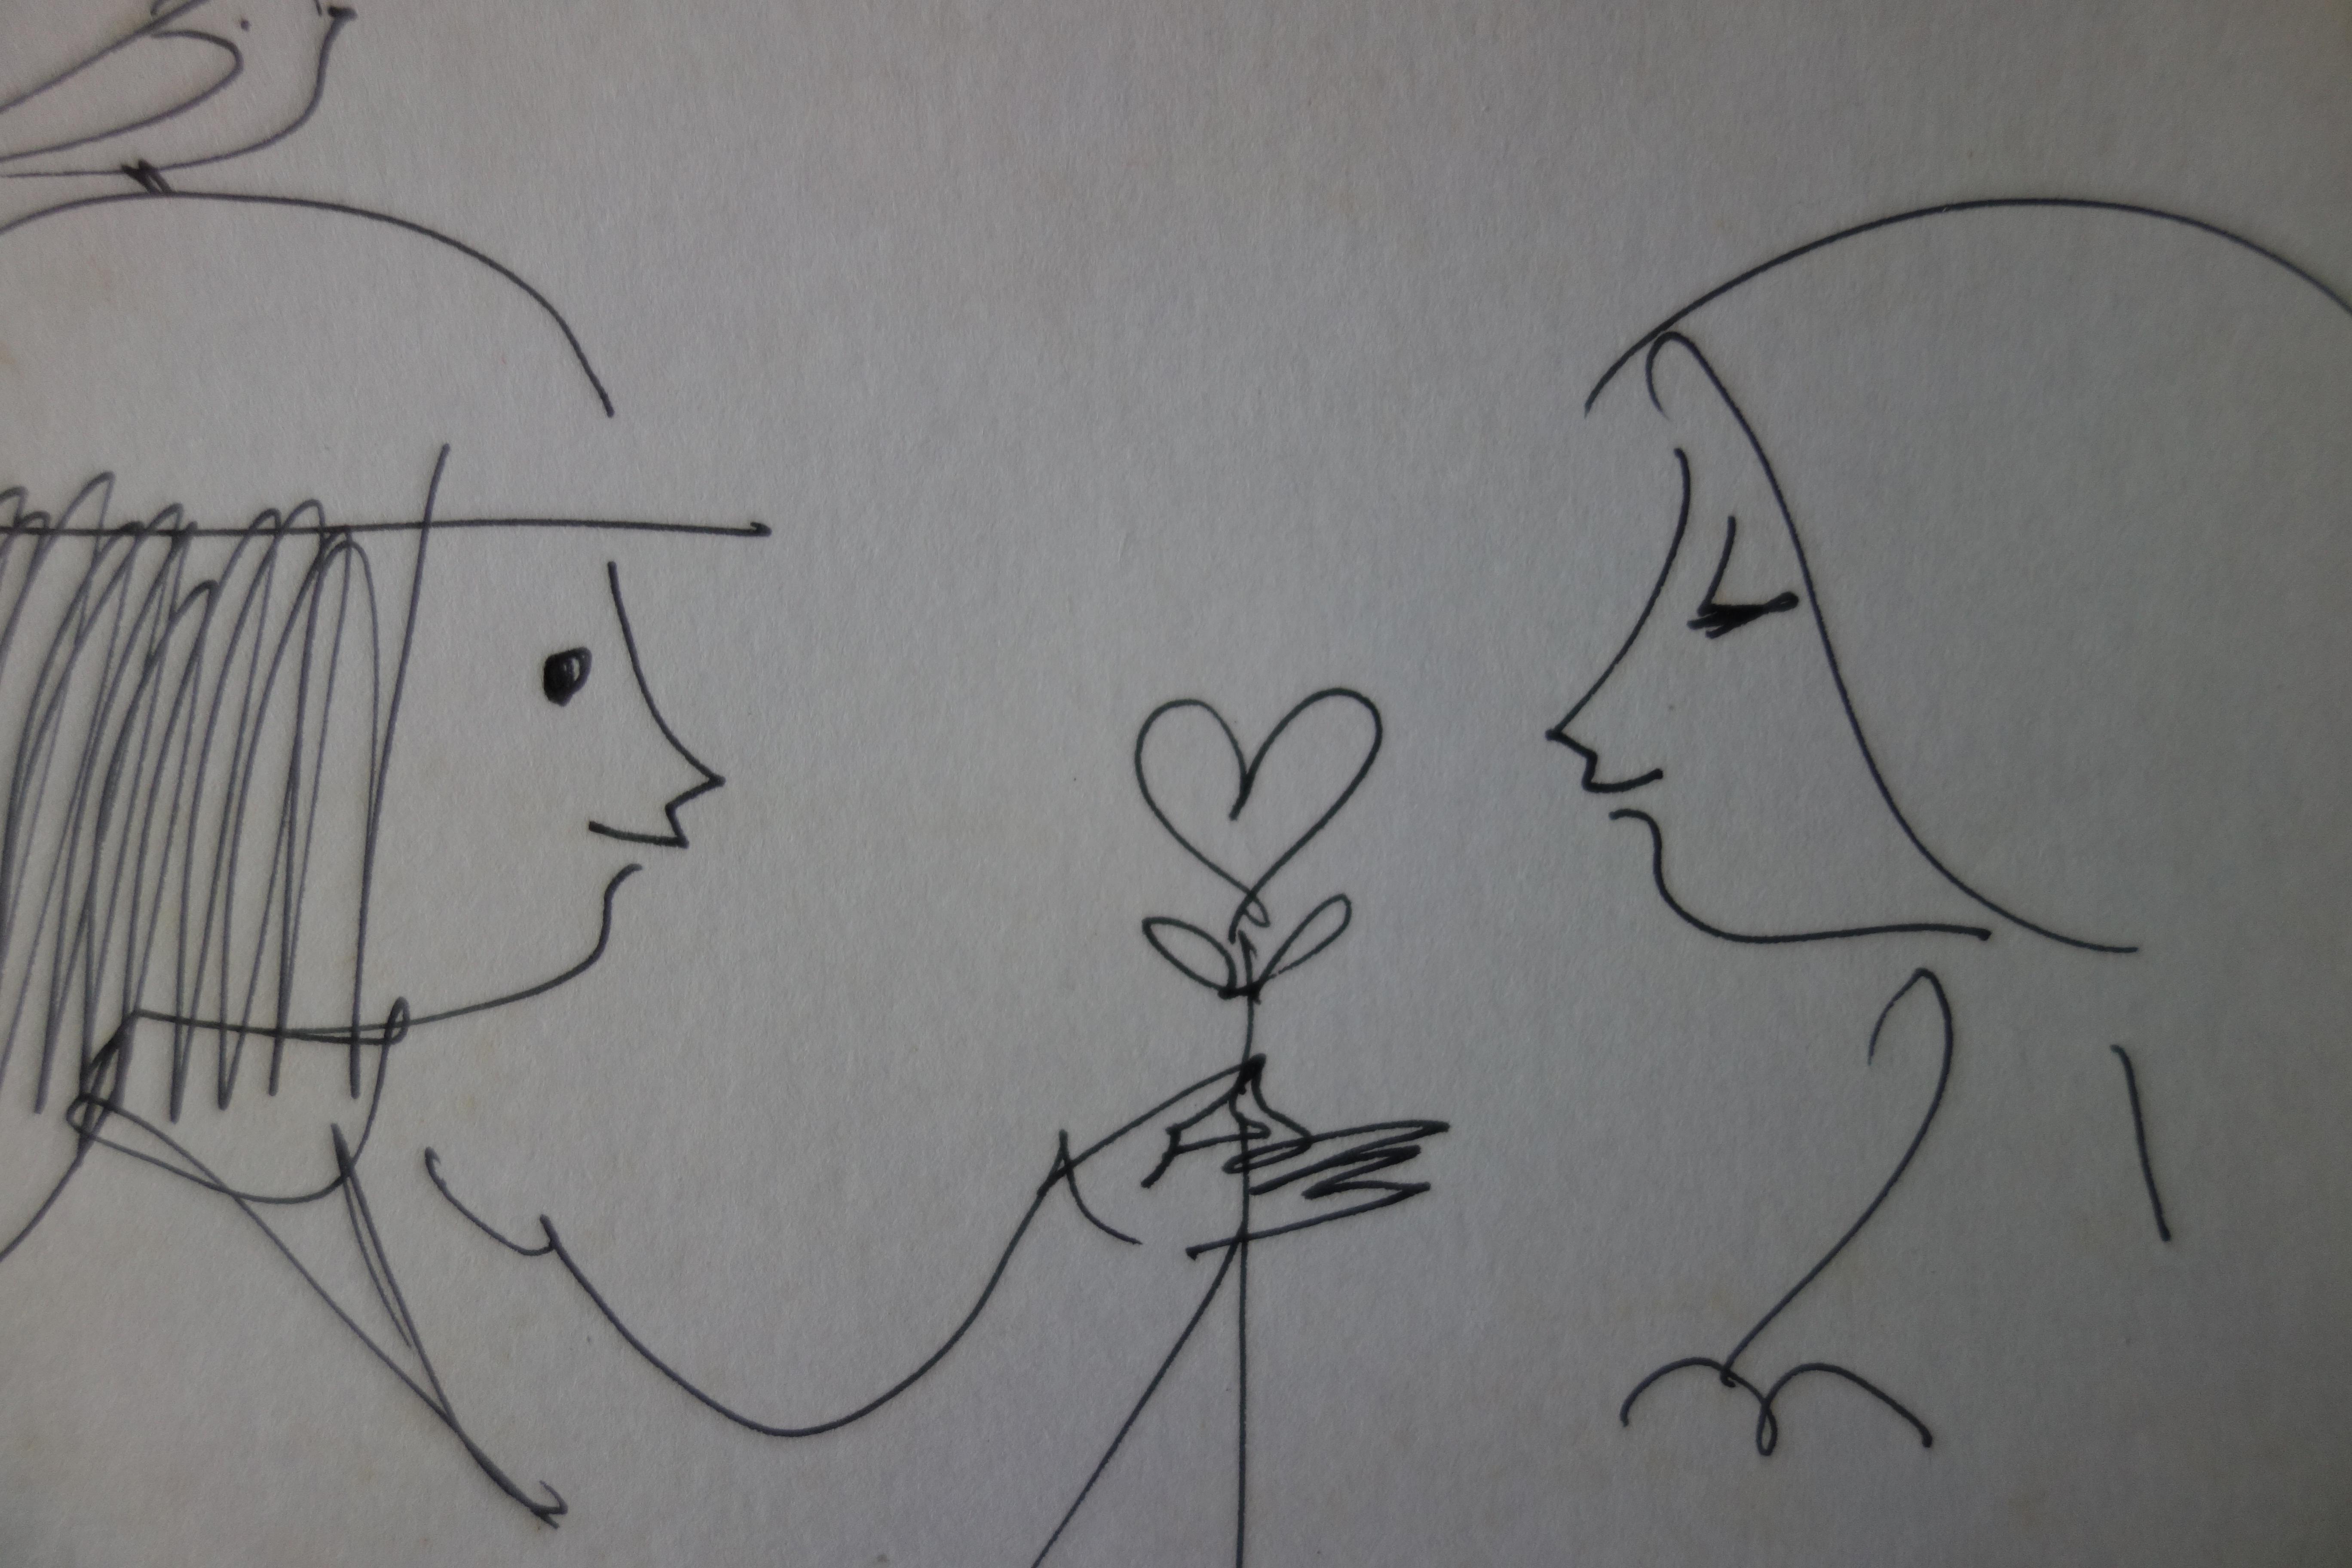 Raymond Peynet - Les Amoureux De La St Valentin, Dessin concernant Dessin Pour La Saint Valentin